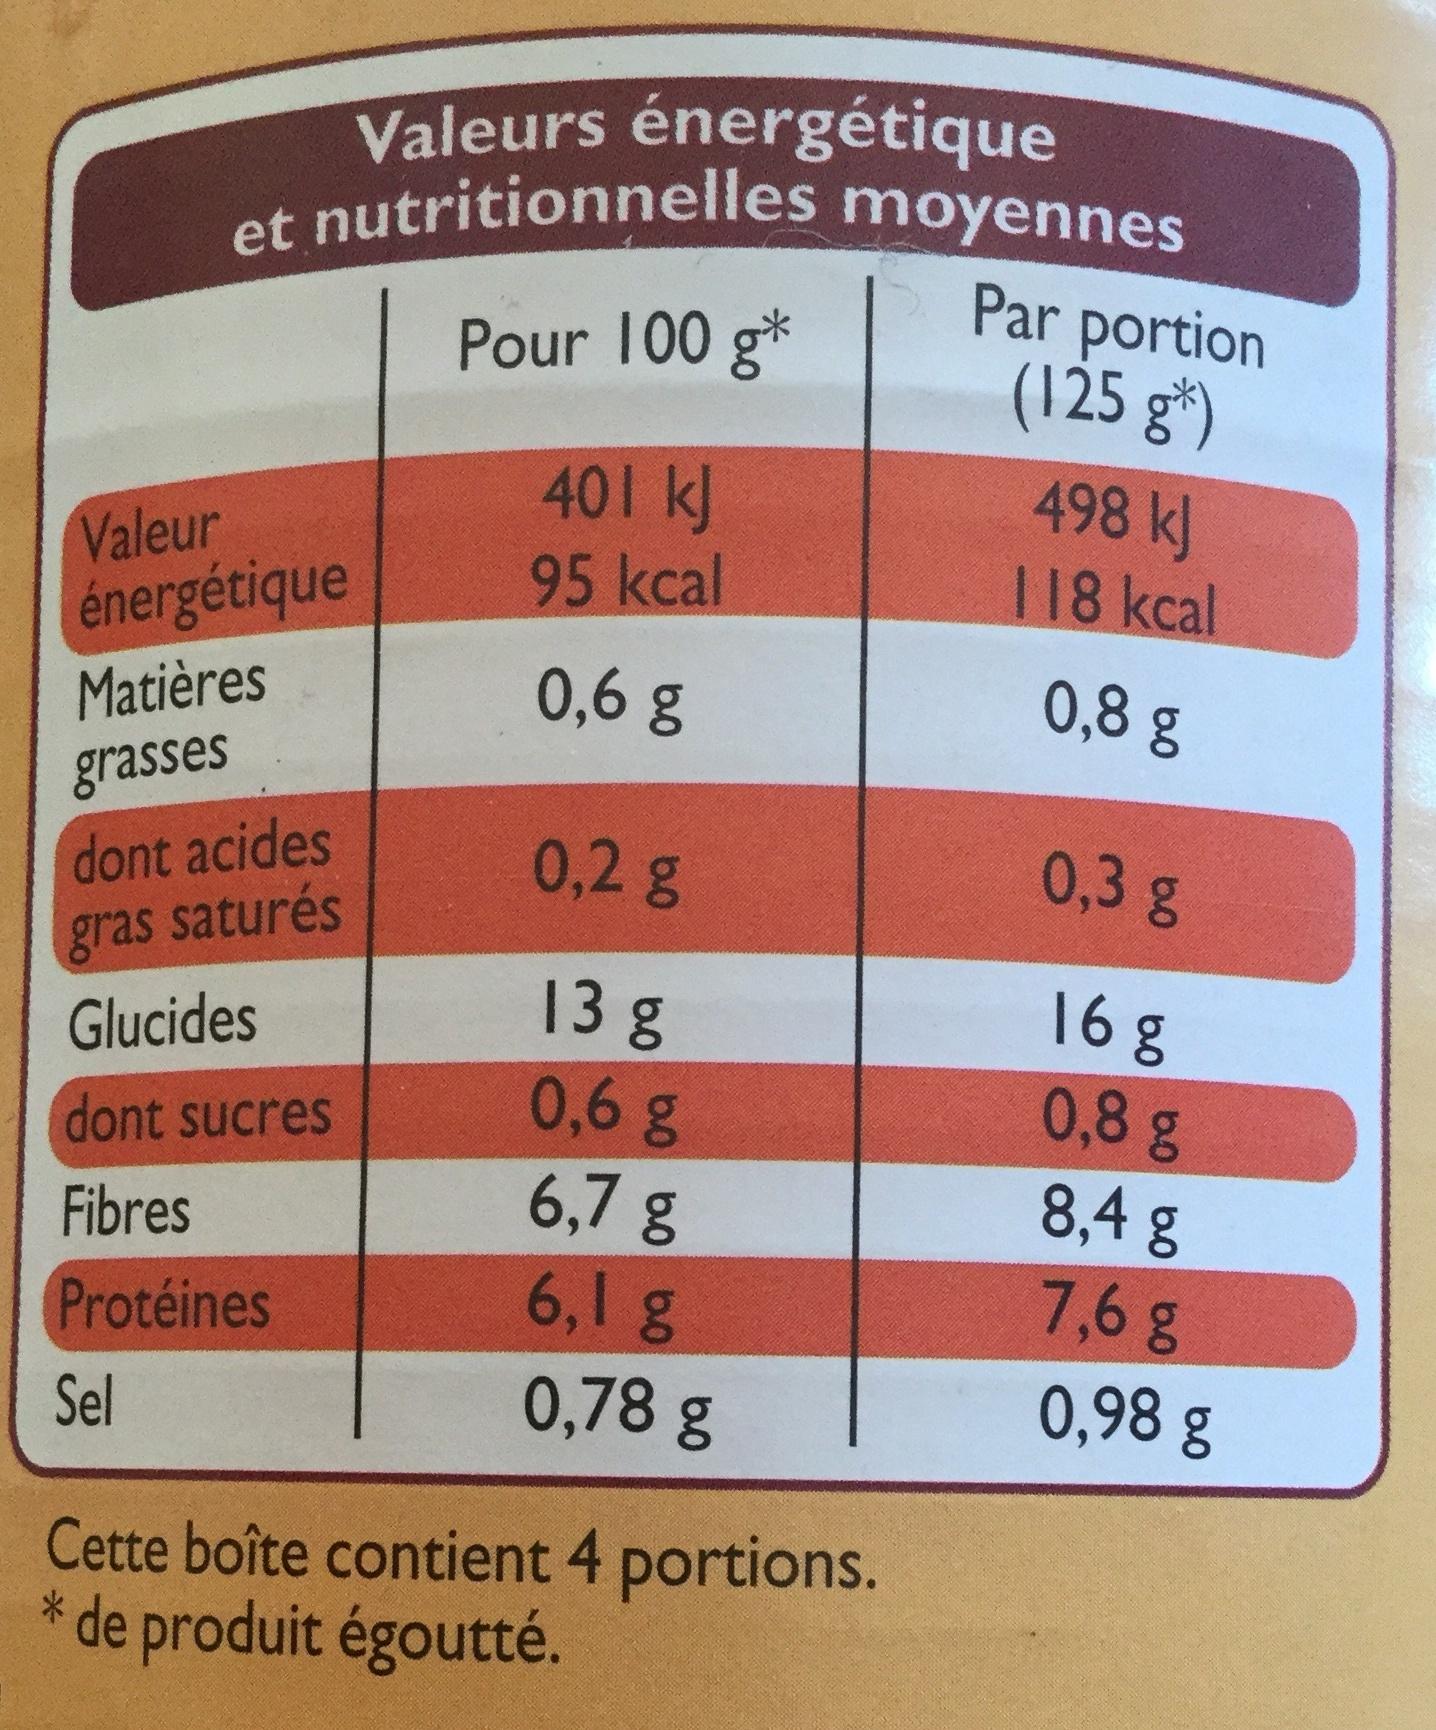 Haricots blancs prépares - Nutrition facts